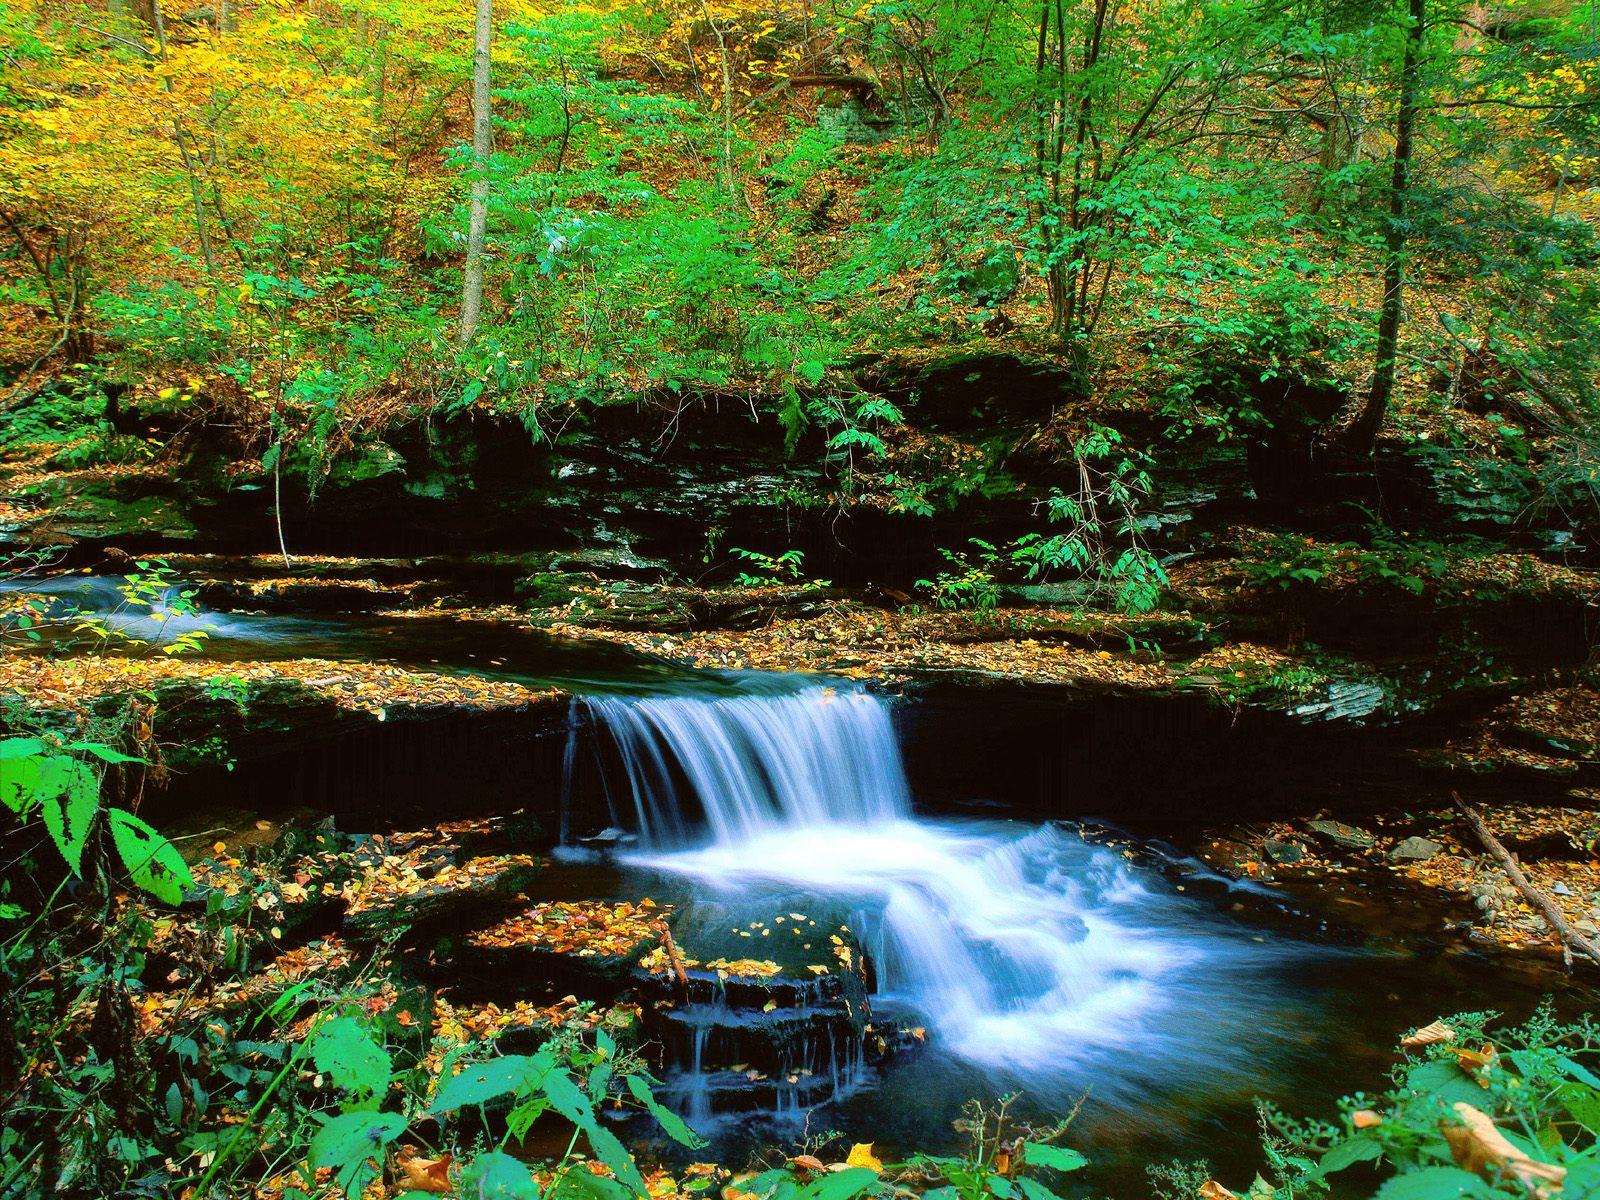 http://1.bp.blogspot.com/-u44nbHVZ79Y/TcmOVI_030I/AAAAAAAAABI/UL_q3Hv9X6s/s1600/Waterfall-Wallpapers-Pack%20%2811%29.jpg